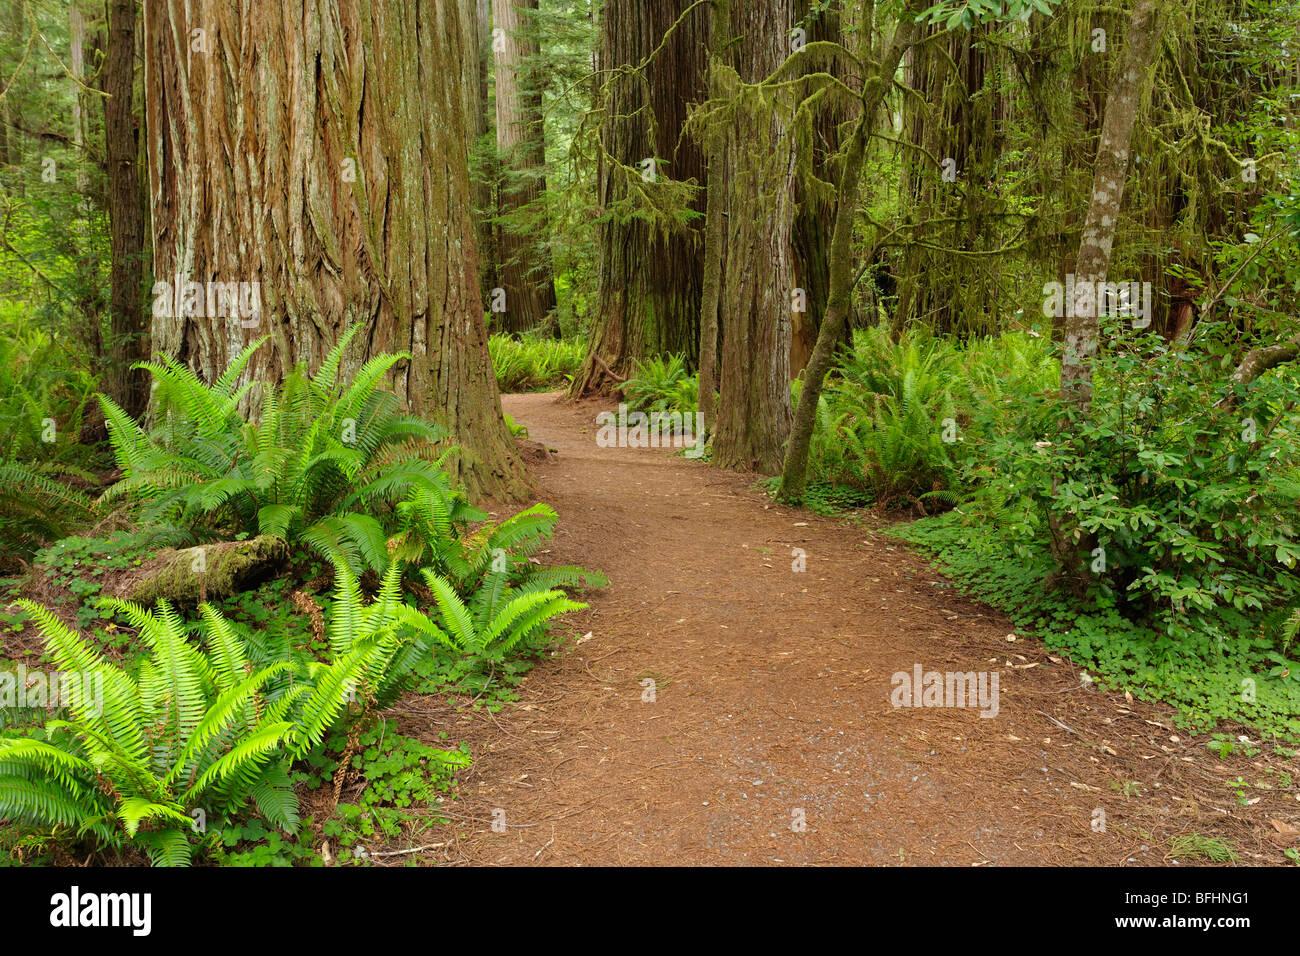 El bosque antiguo camino que corre a través de las altísimas secoyas de Del Norte Costa Redwoods State Park Foto de stock